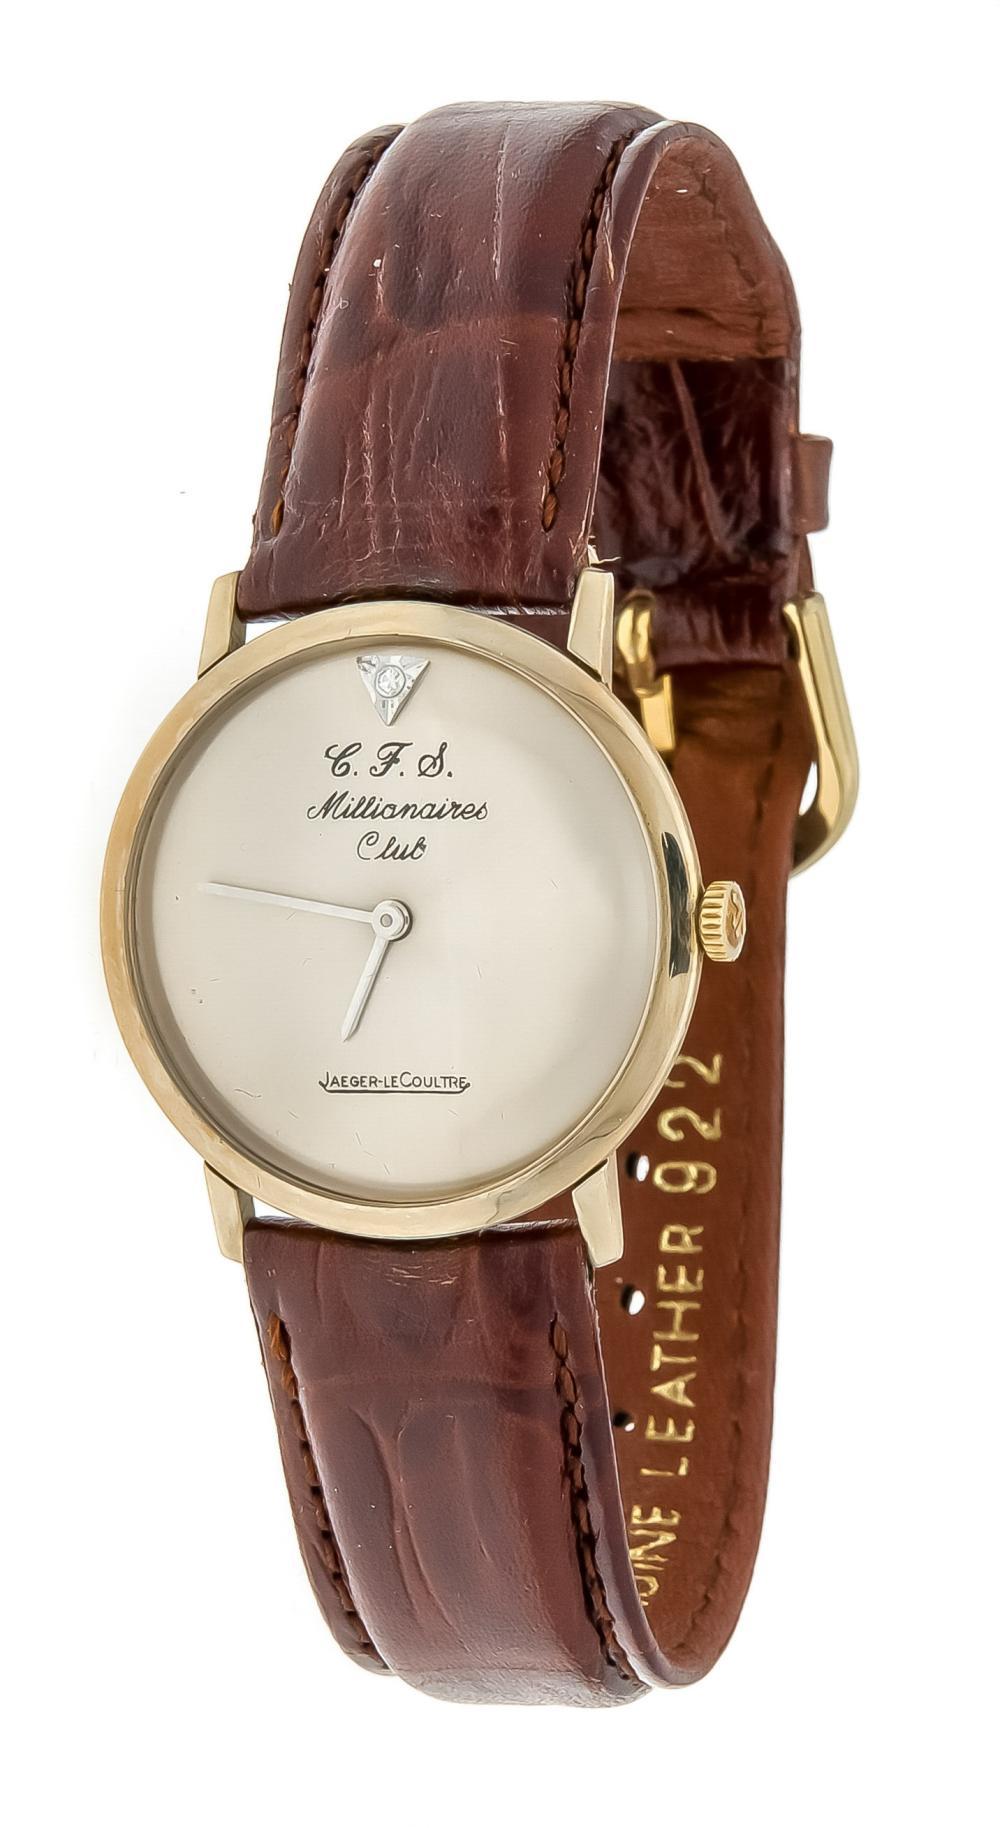 Jaeger leCoultre men's watch,